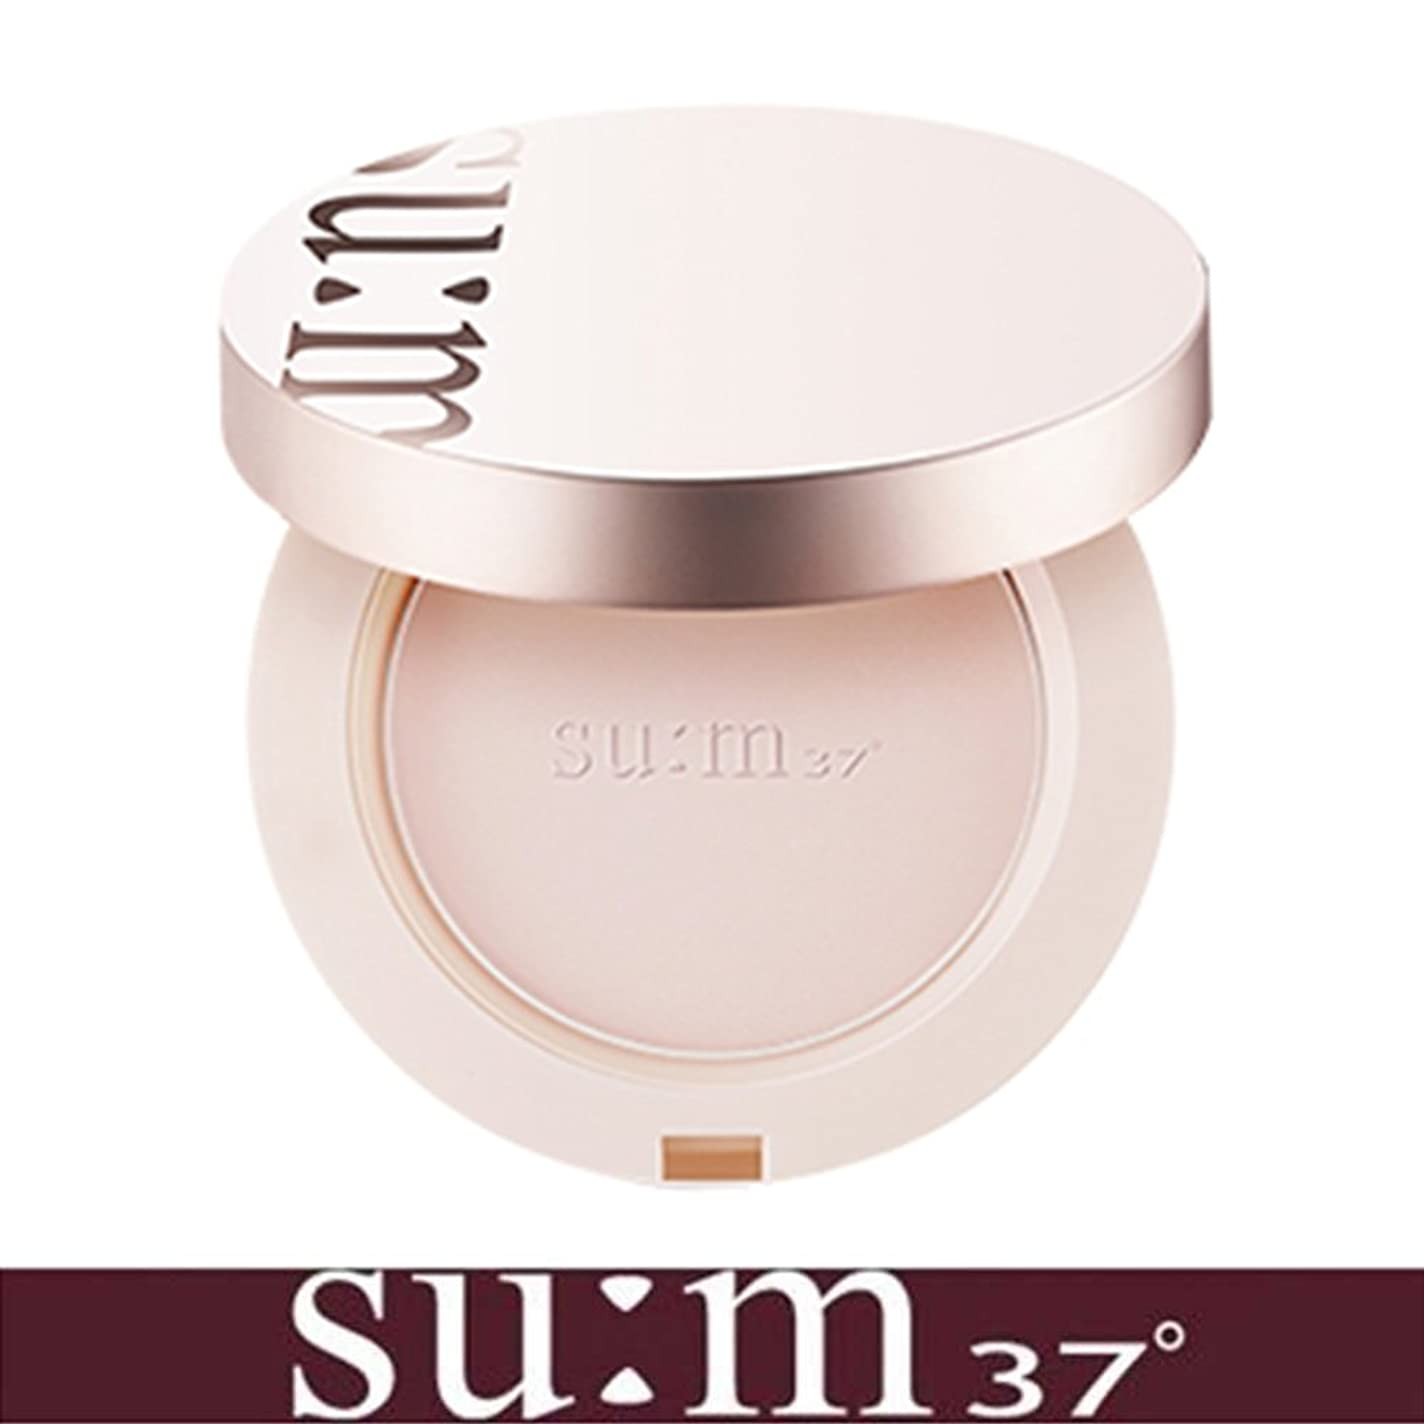 謙虚なクロール不適当[su:m37/スム37°] Sun-away Mild Tone-up Sun Pact SPF50+/PA++++/ライン - アウェイマイルドトンオプ線ファクト+[Sample Gift](海外直送品)